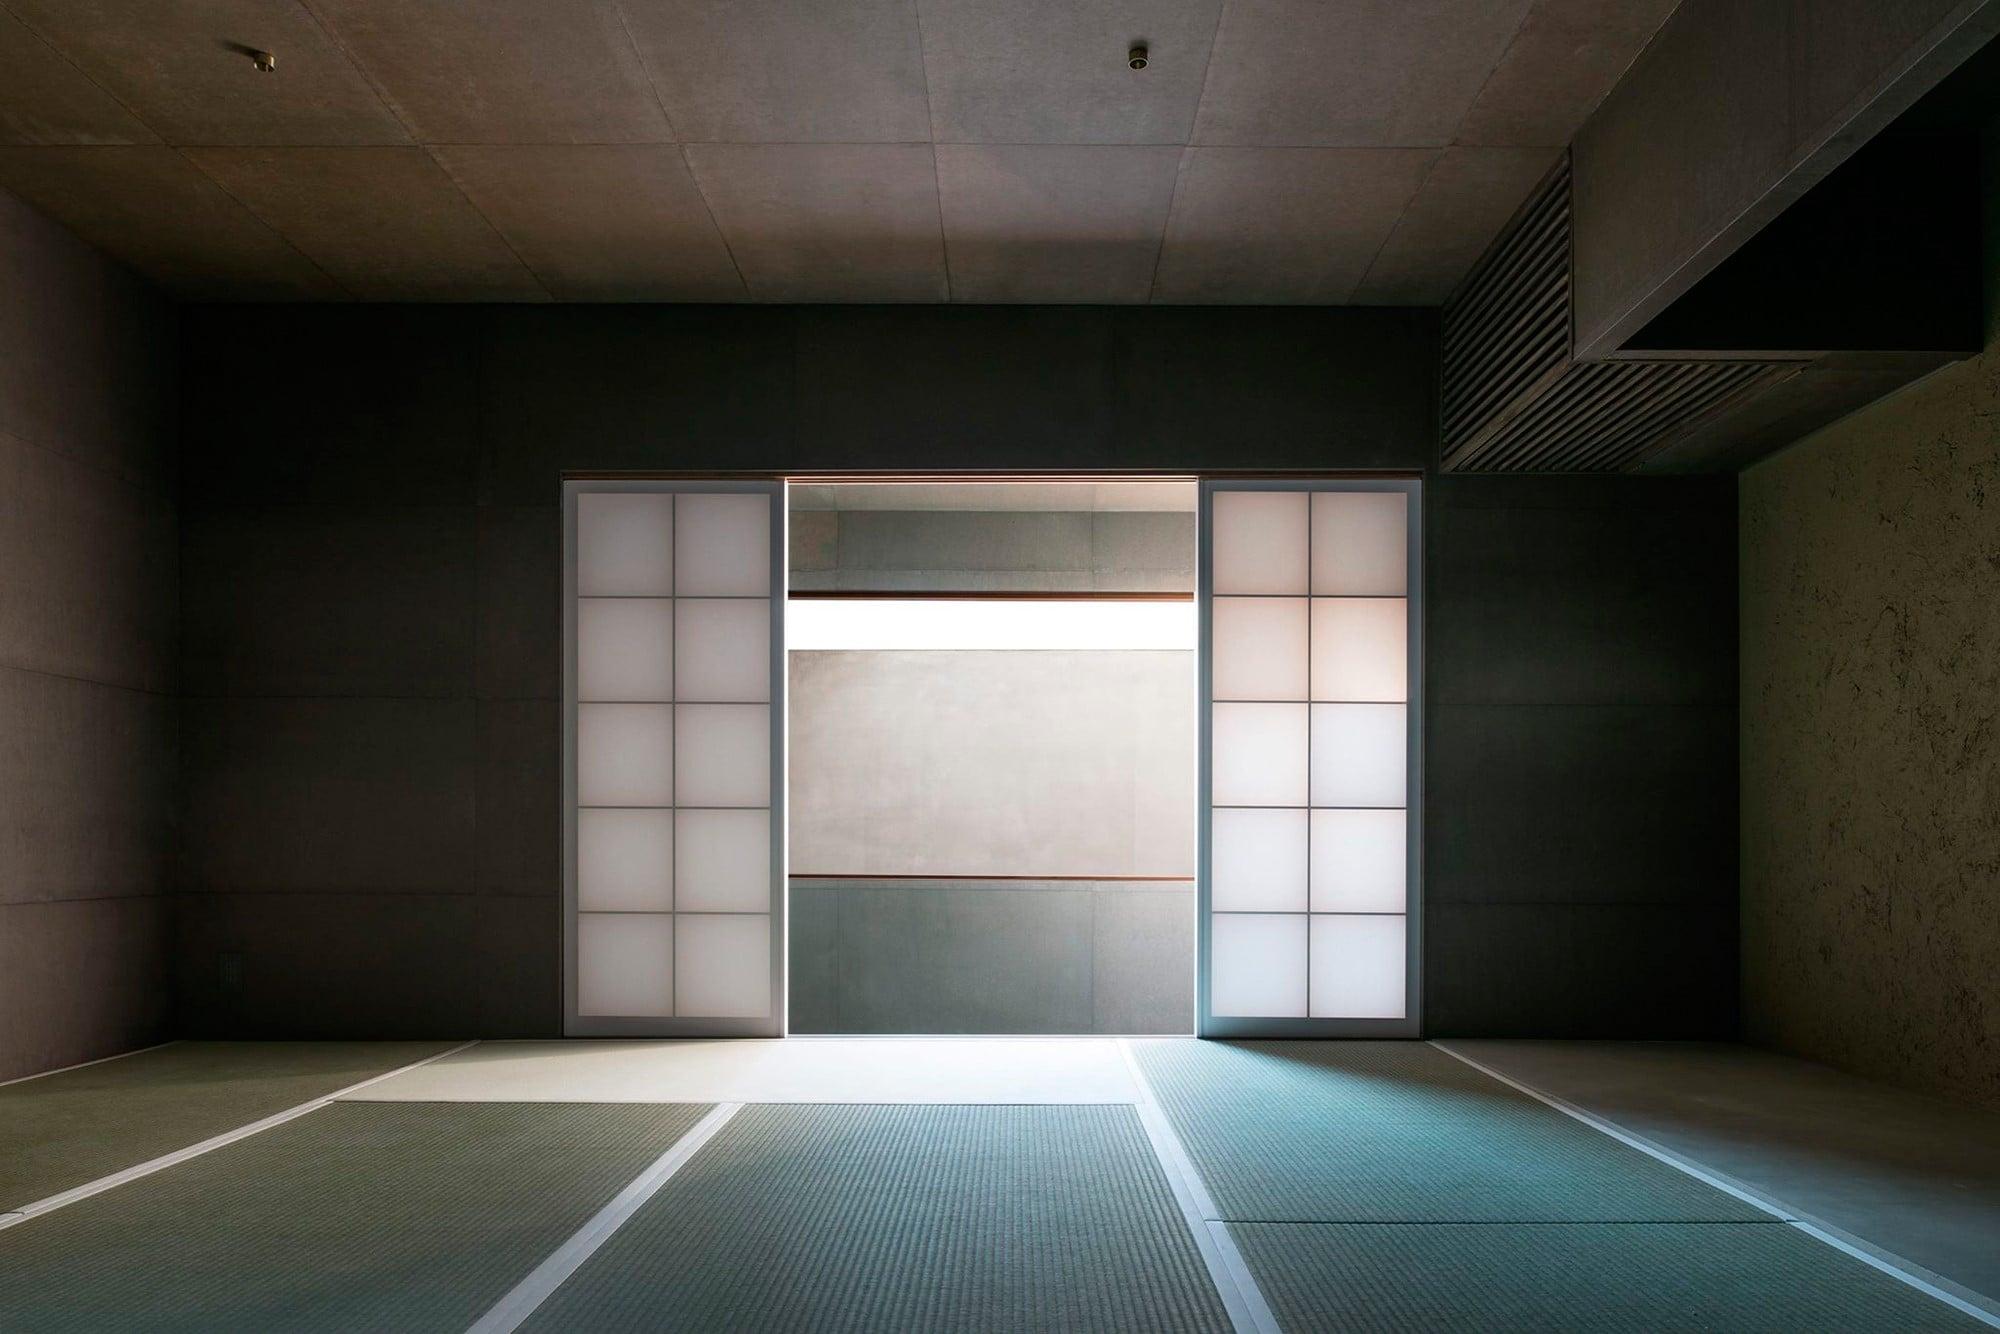 ハタノが施工を手掛けた京都小慢の店内。和紙から注ぐ光が美しい。 Phography by Junichi Usui